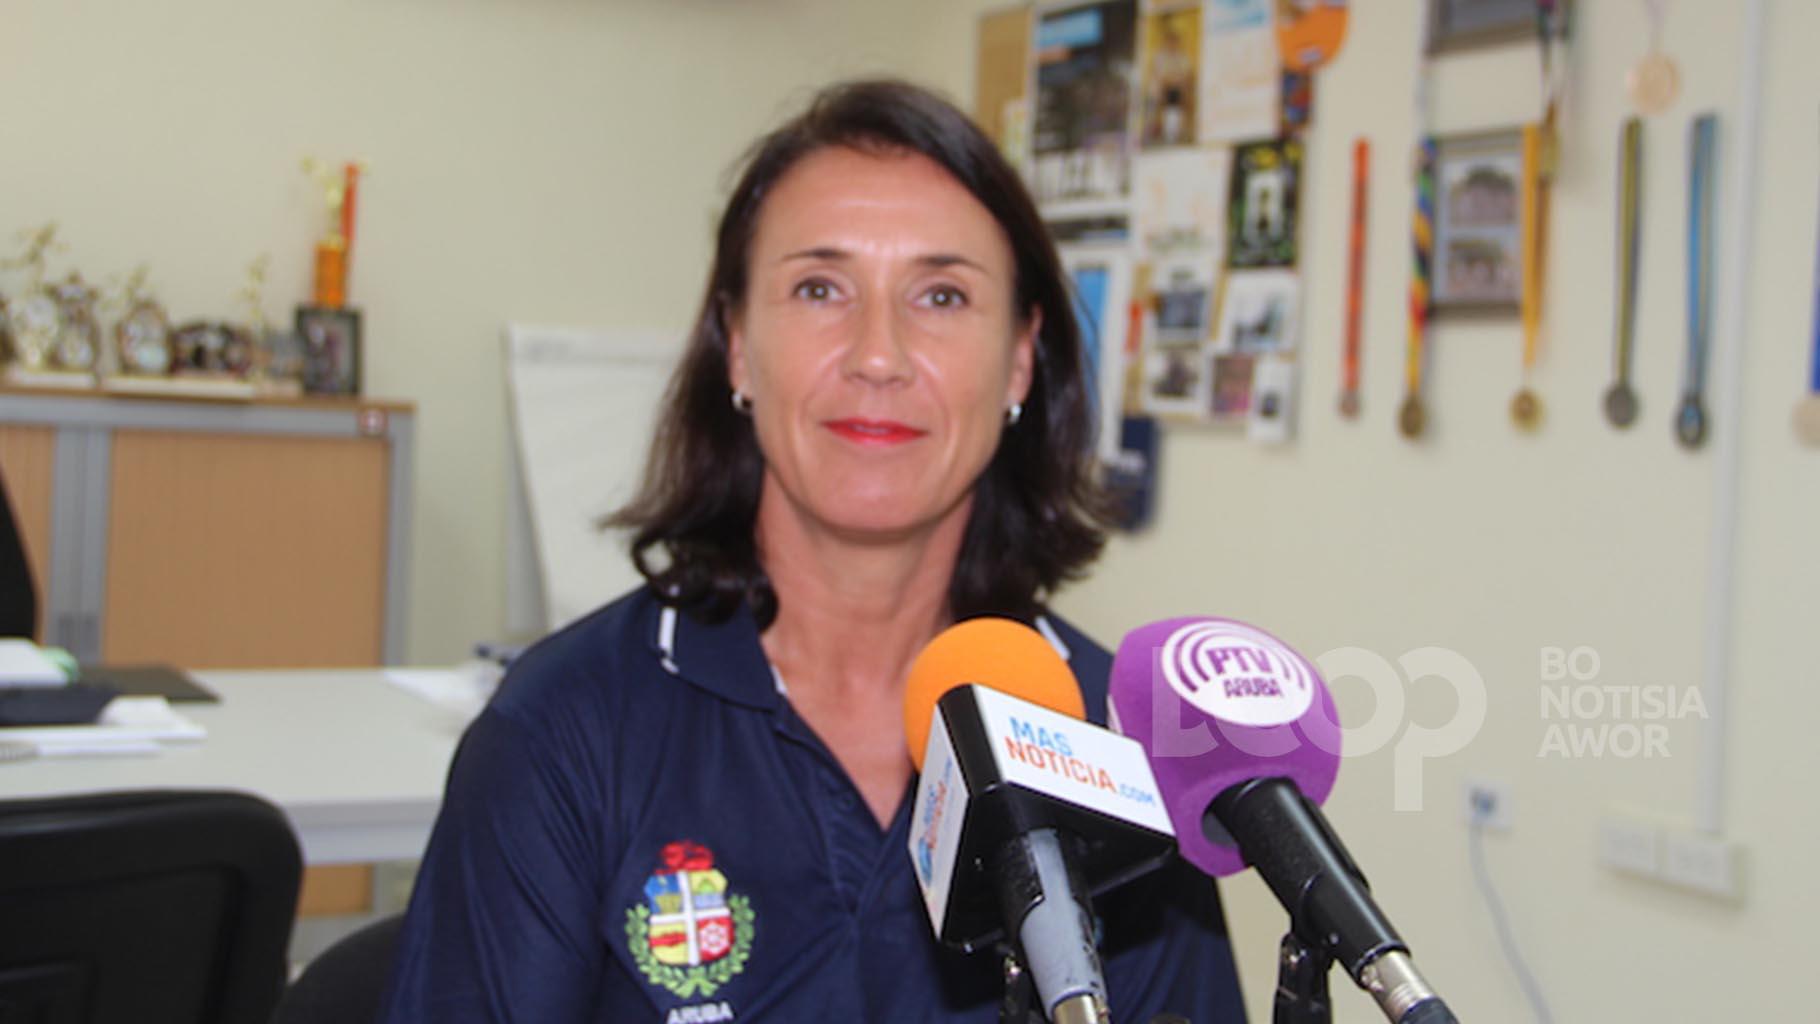 Segun Sra. Van Embden, ta spera cu algun dia scolnan na Aruba por yega na un programa pa mas movecion.